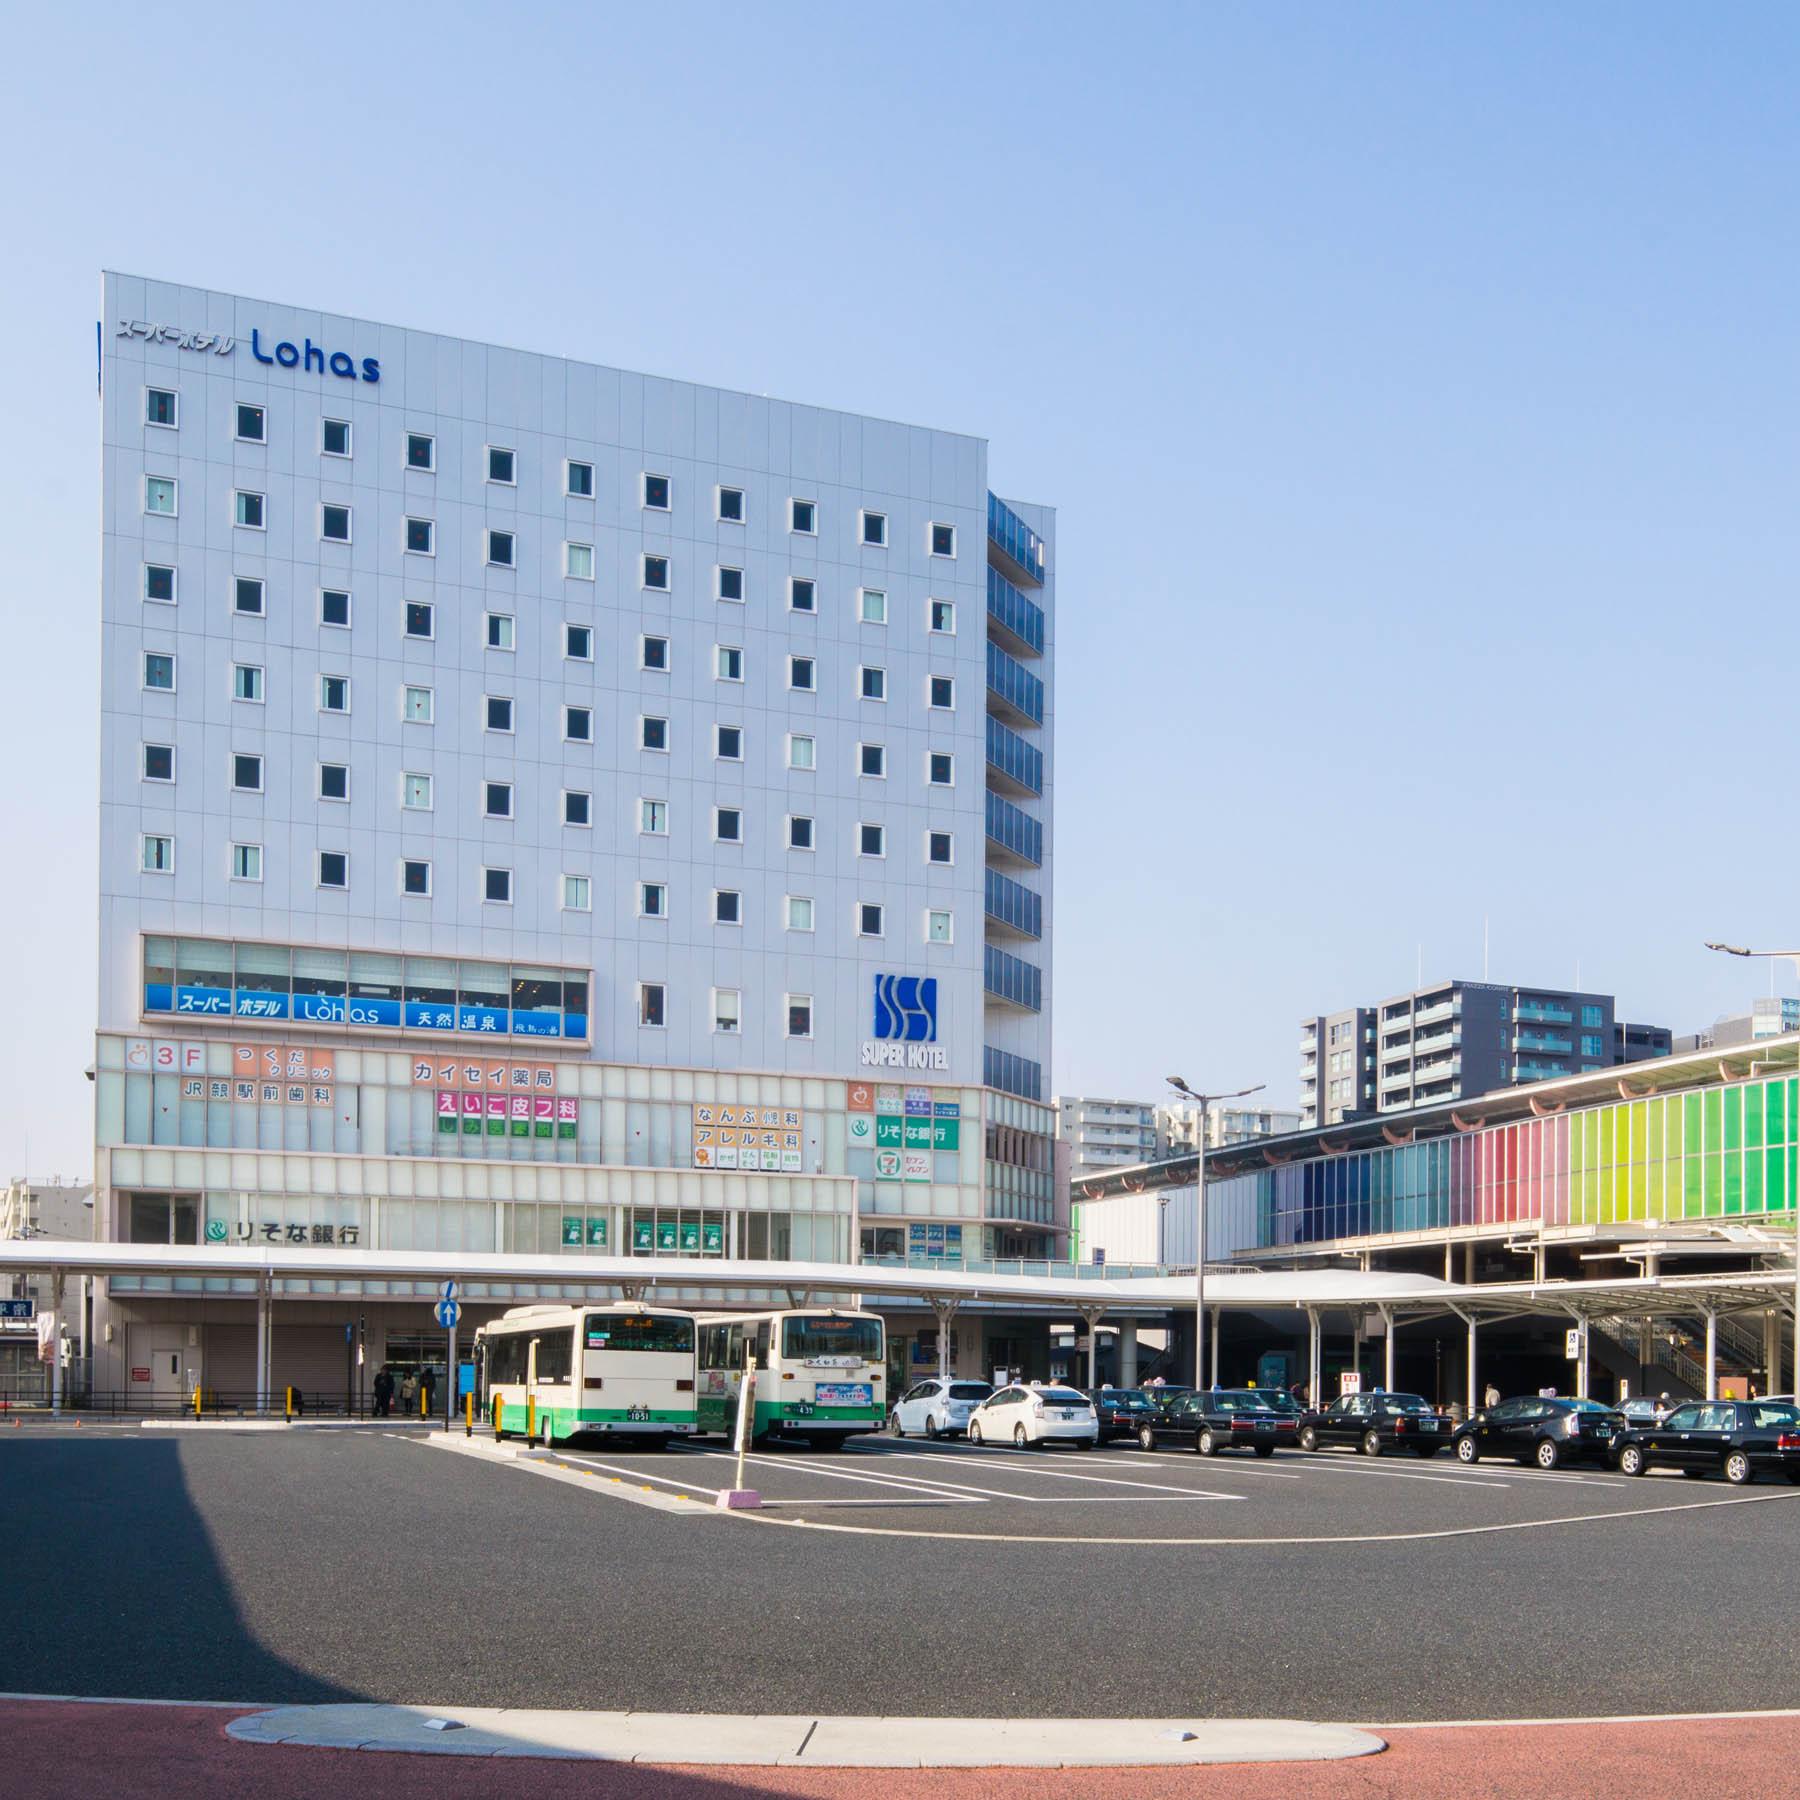 スーパーホテル Lohas JR奈良駅◆楽天トラベル